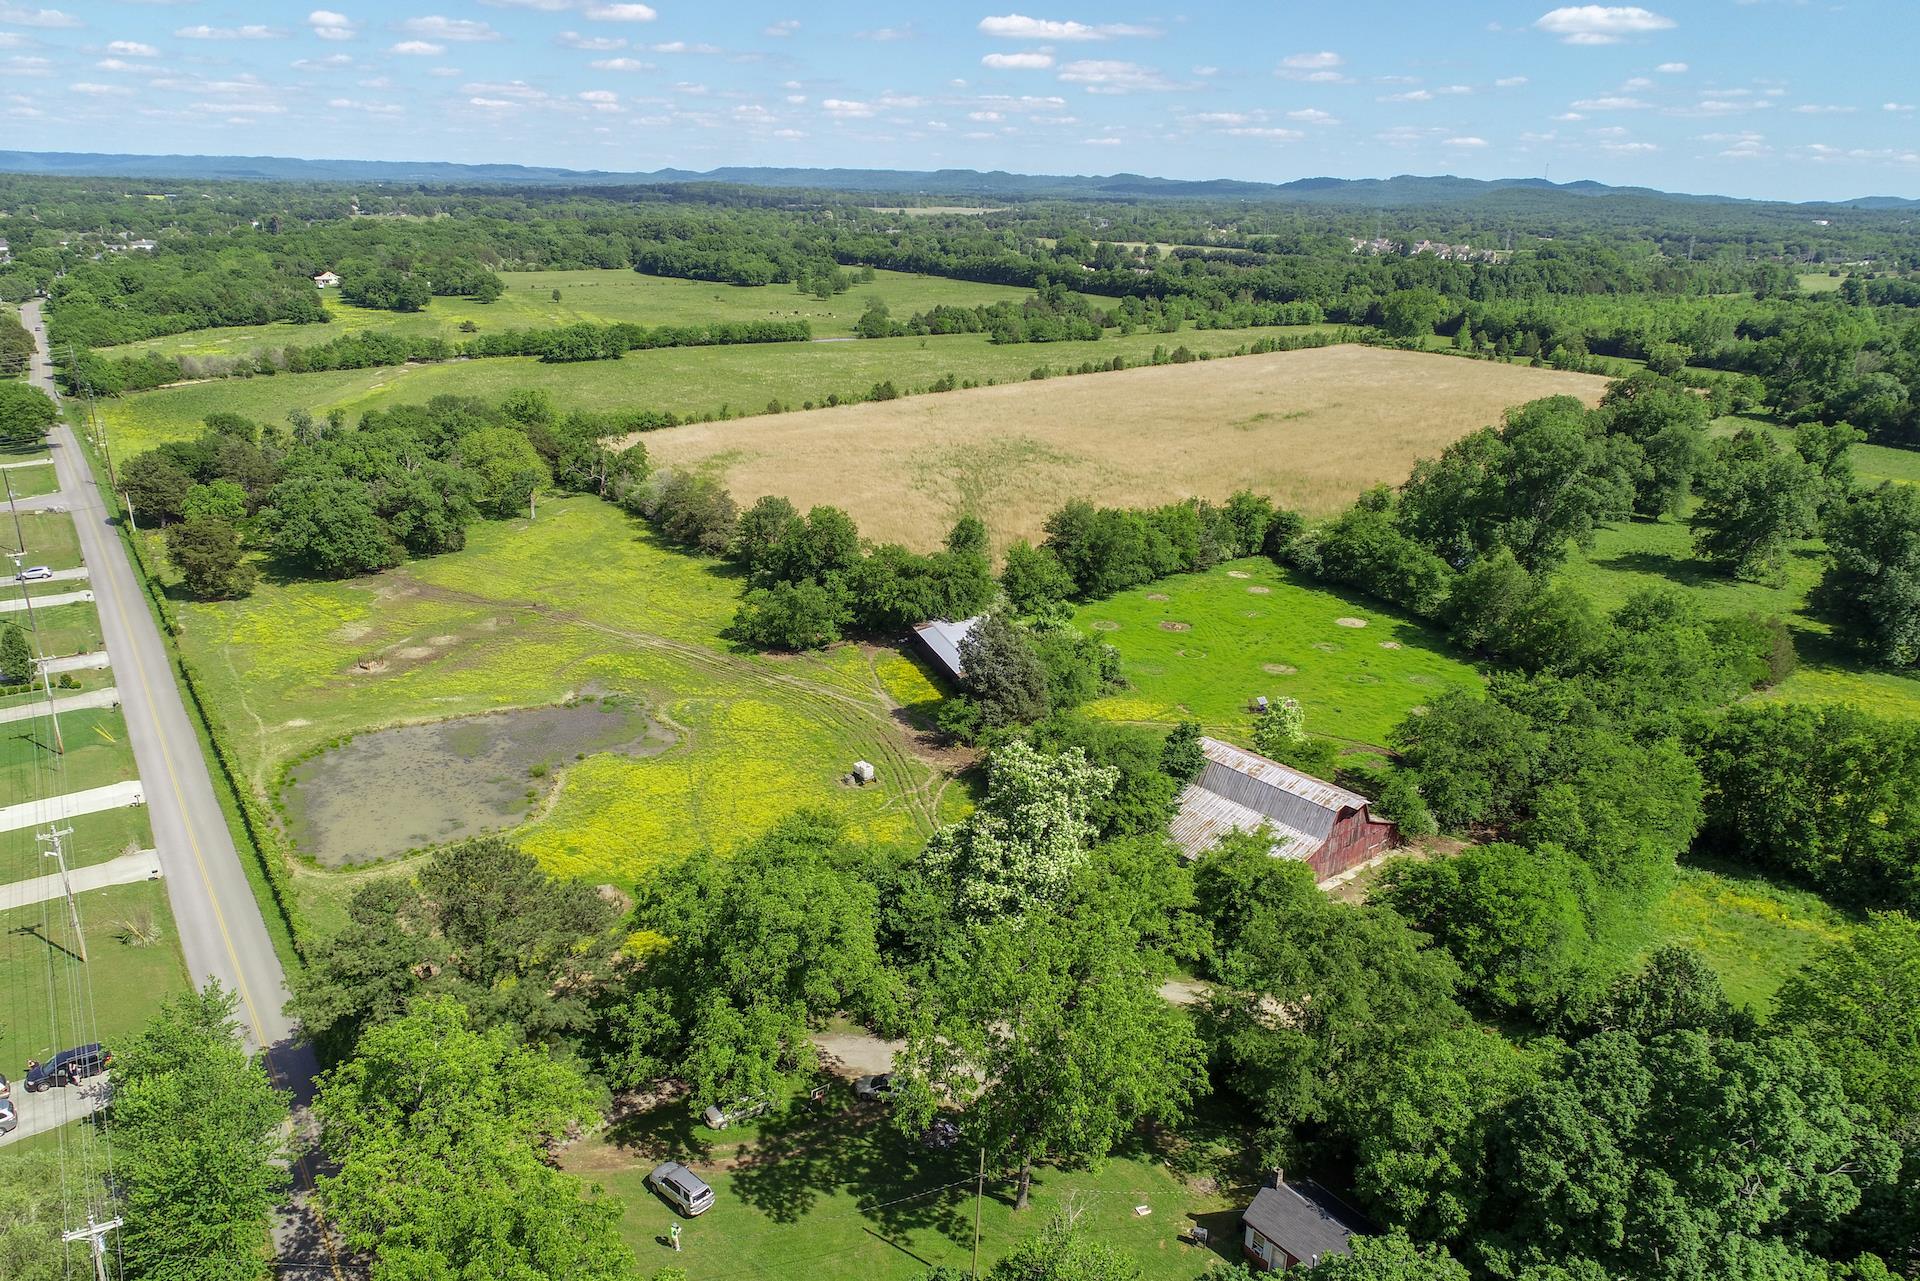 483 Stones River LN, Murfreesboro, TN 37128 - Murfreesboro, TN real estate listing